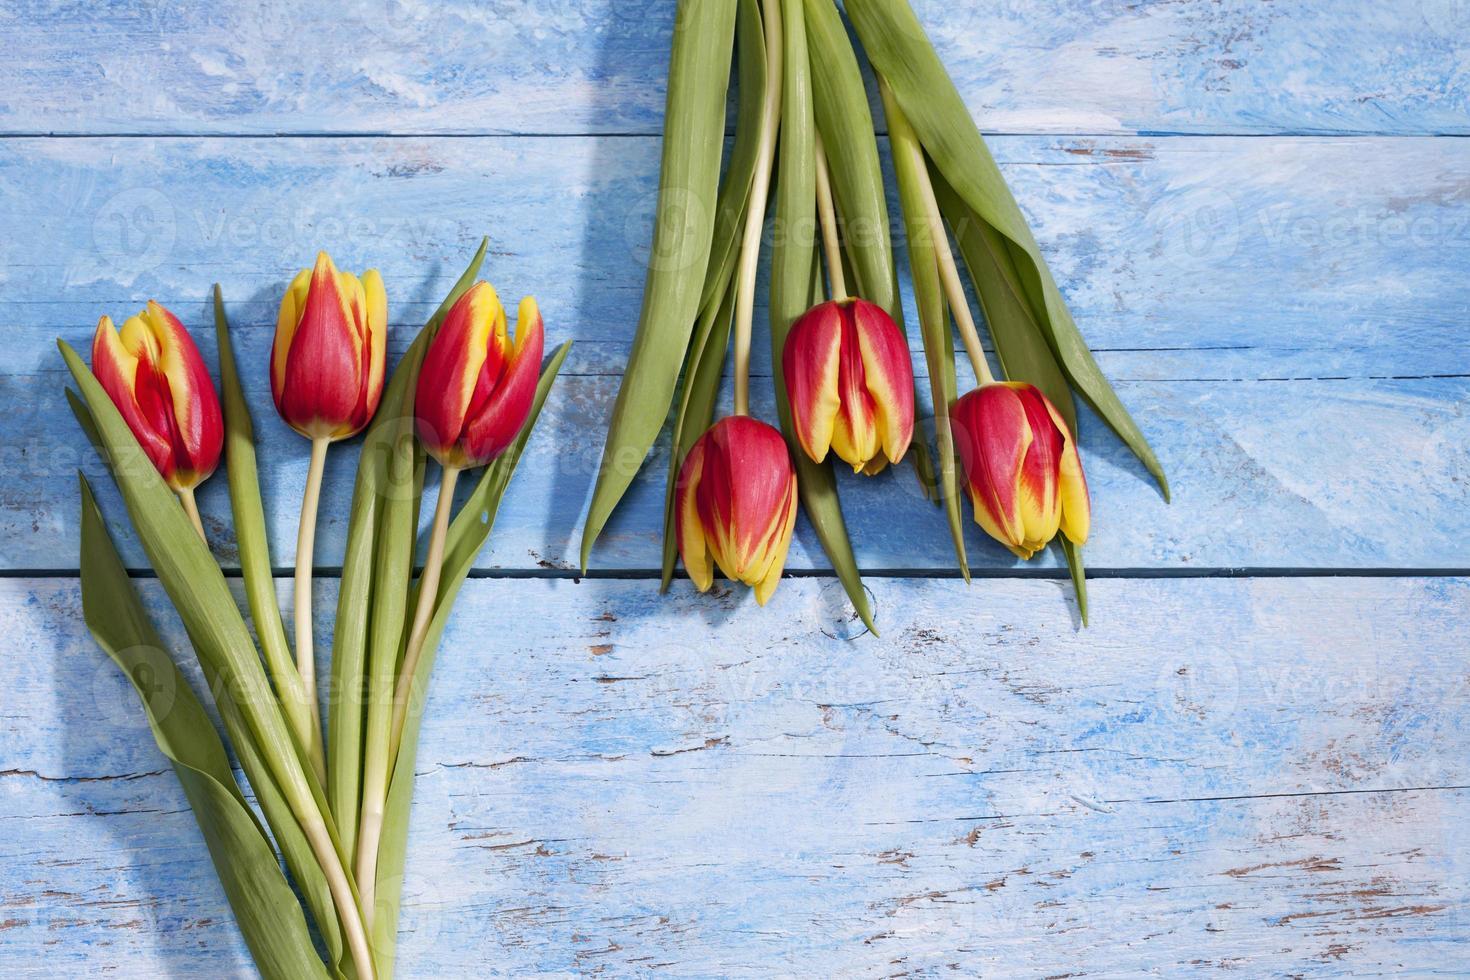 tulipes jaunes rouges, bouquets sur bois bleu photo